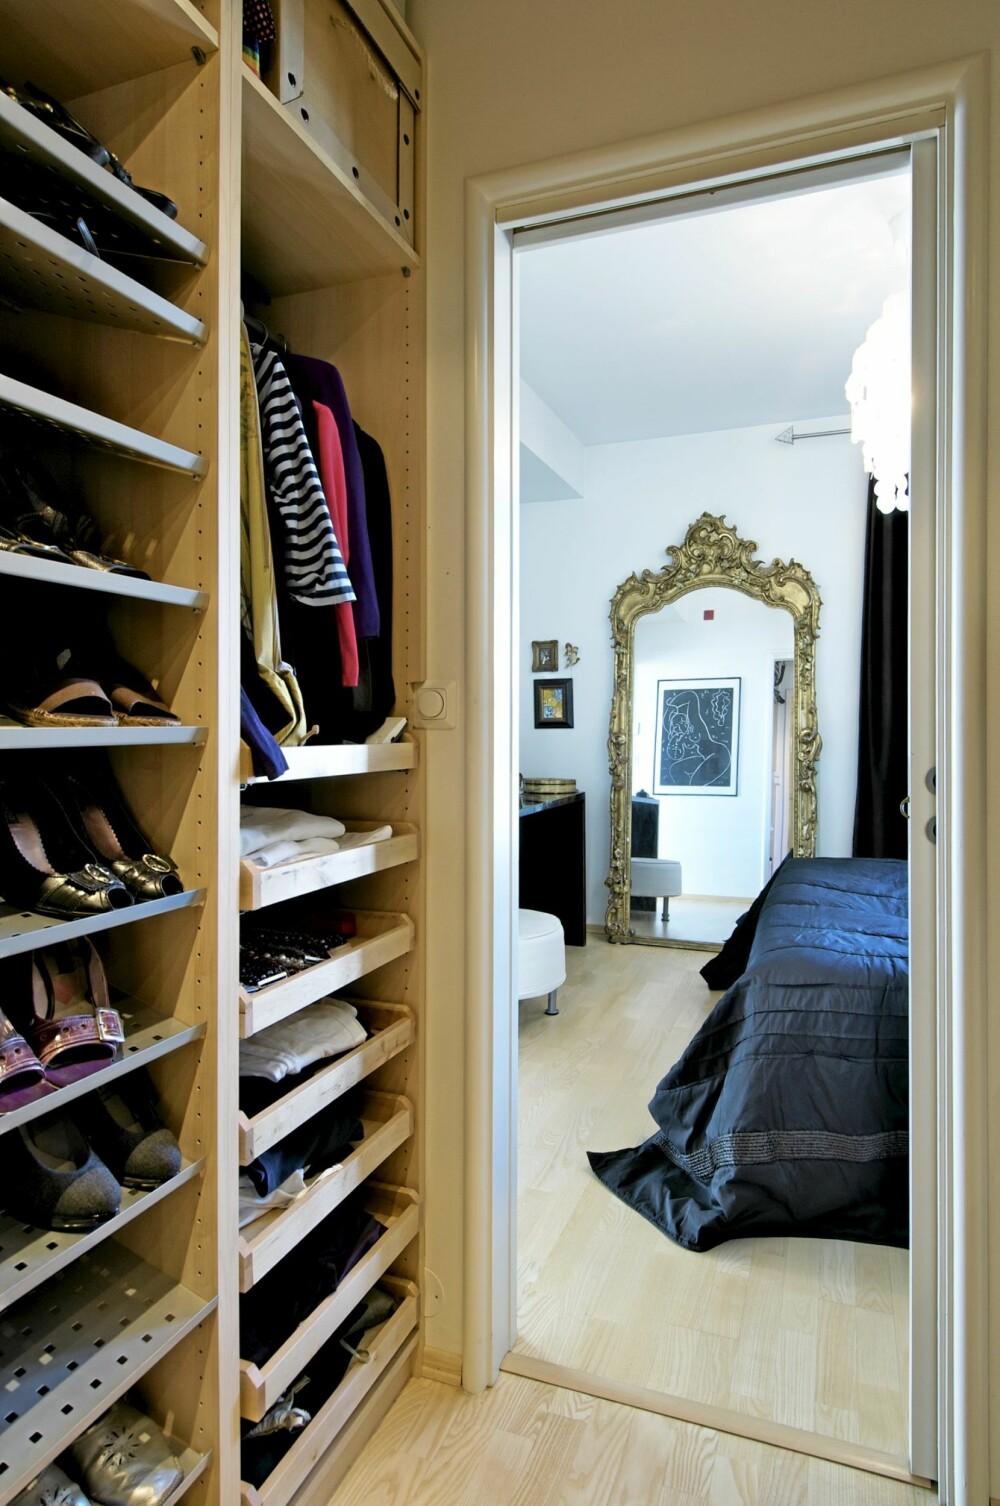 PRAKTISK BELIGGENHET: Den rommelige walk-in garderoben ligger like ved soveværelset.